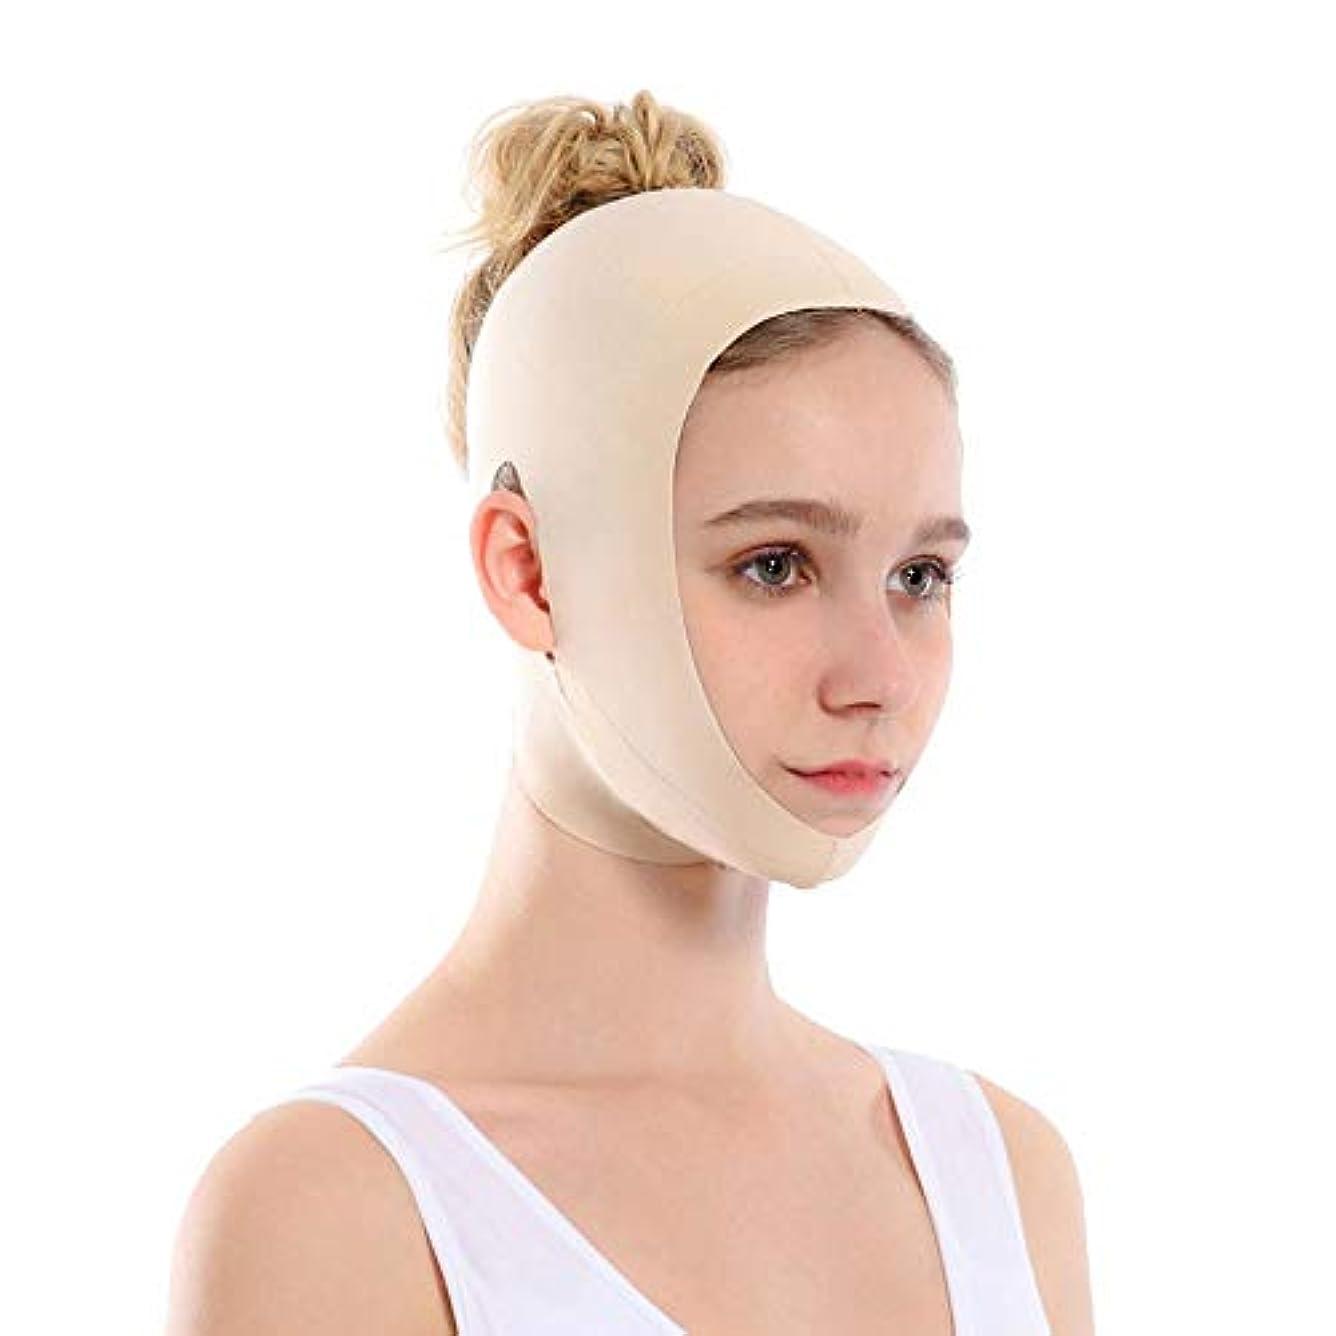 服コーラス結晶顔を持ち上げるアーティファクトVフェイス包帯リフティング引き締め睡眠薄い顔を整形持ち上げる顔を二重あご矯正 - 肌の色